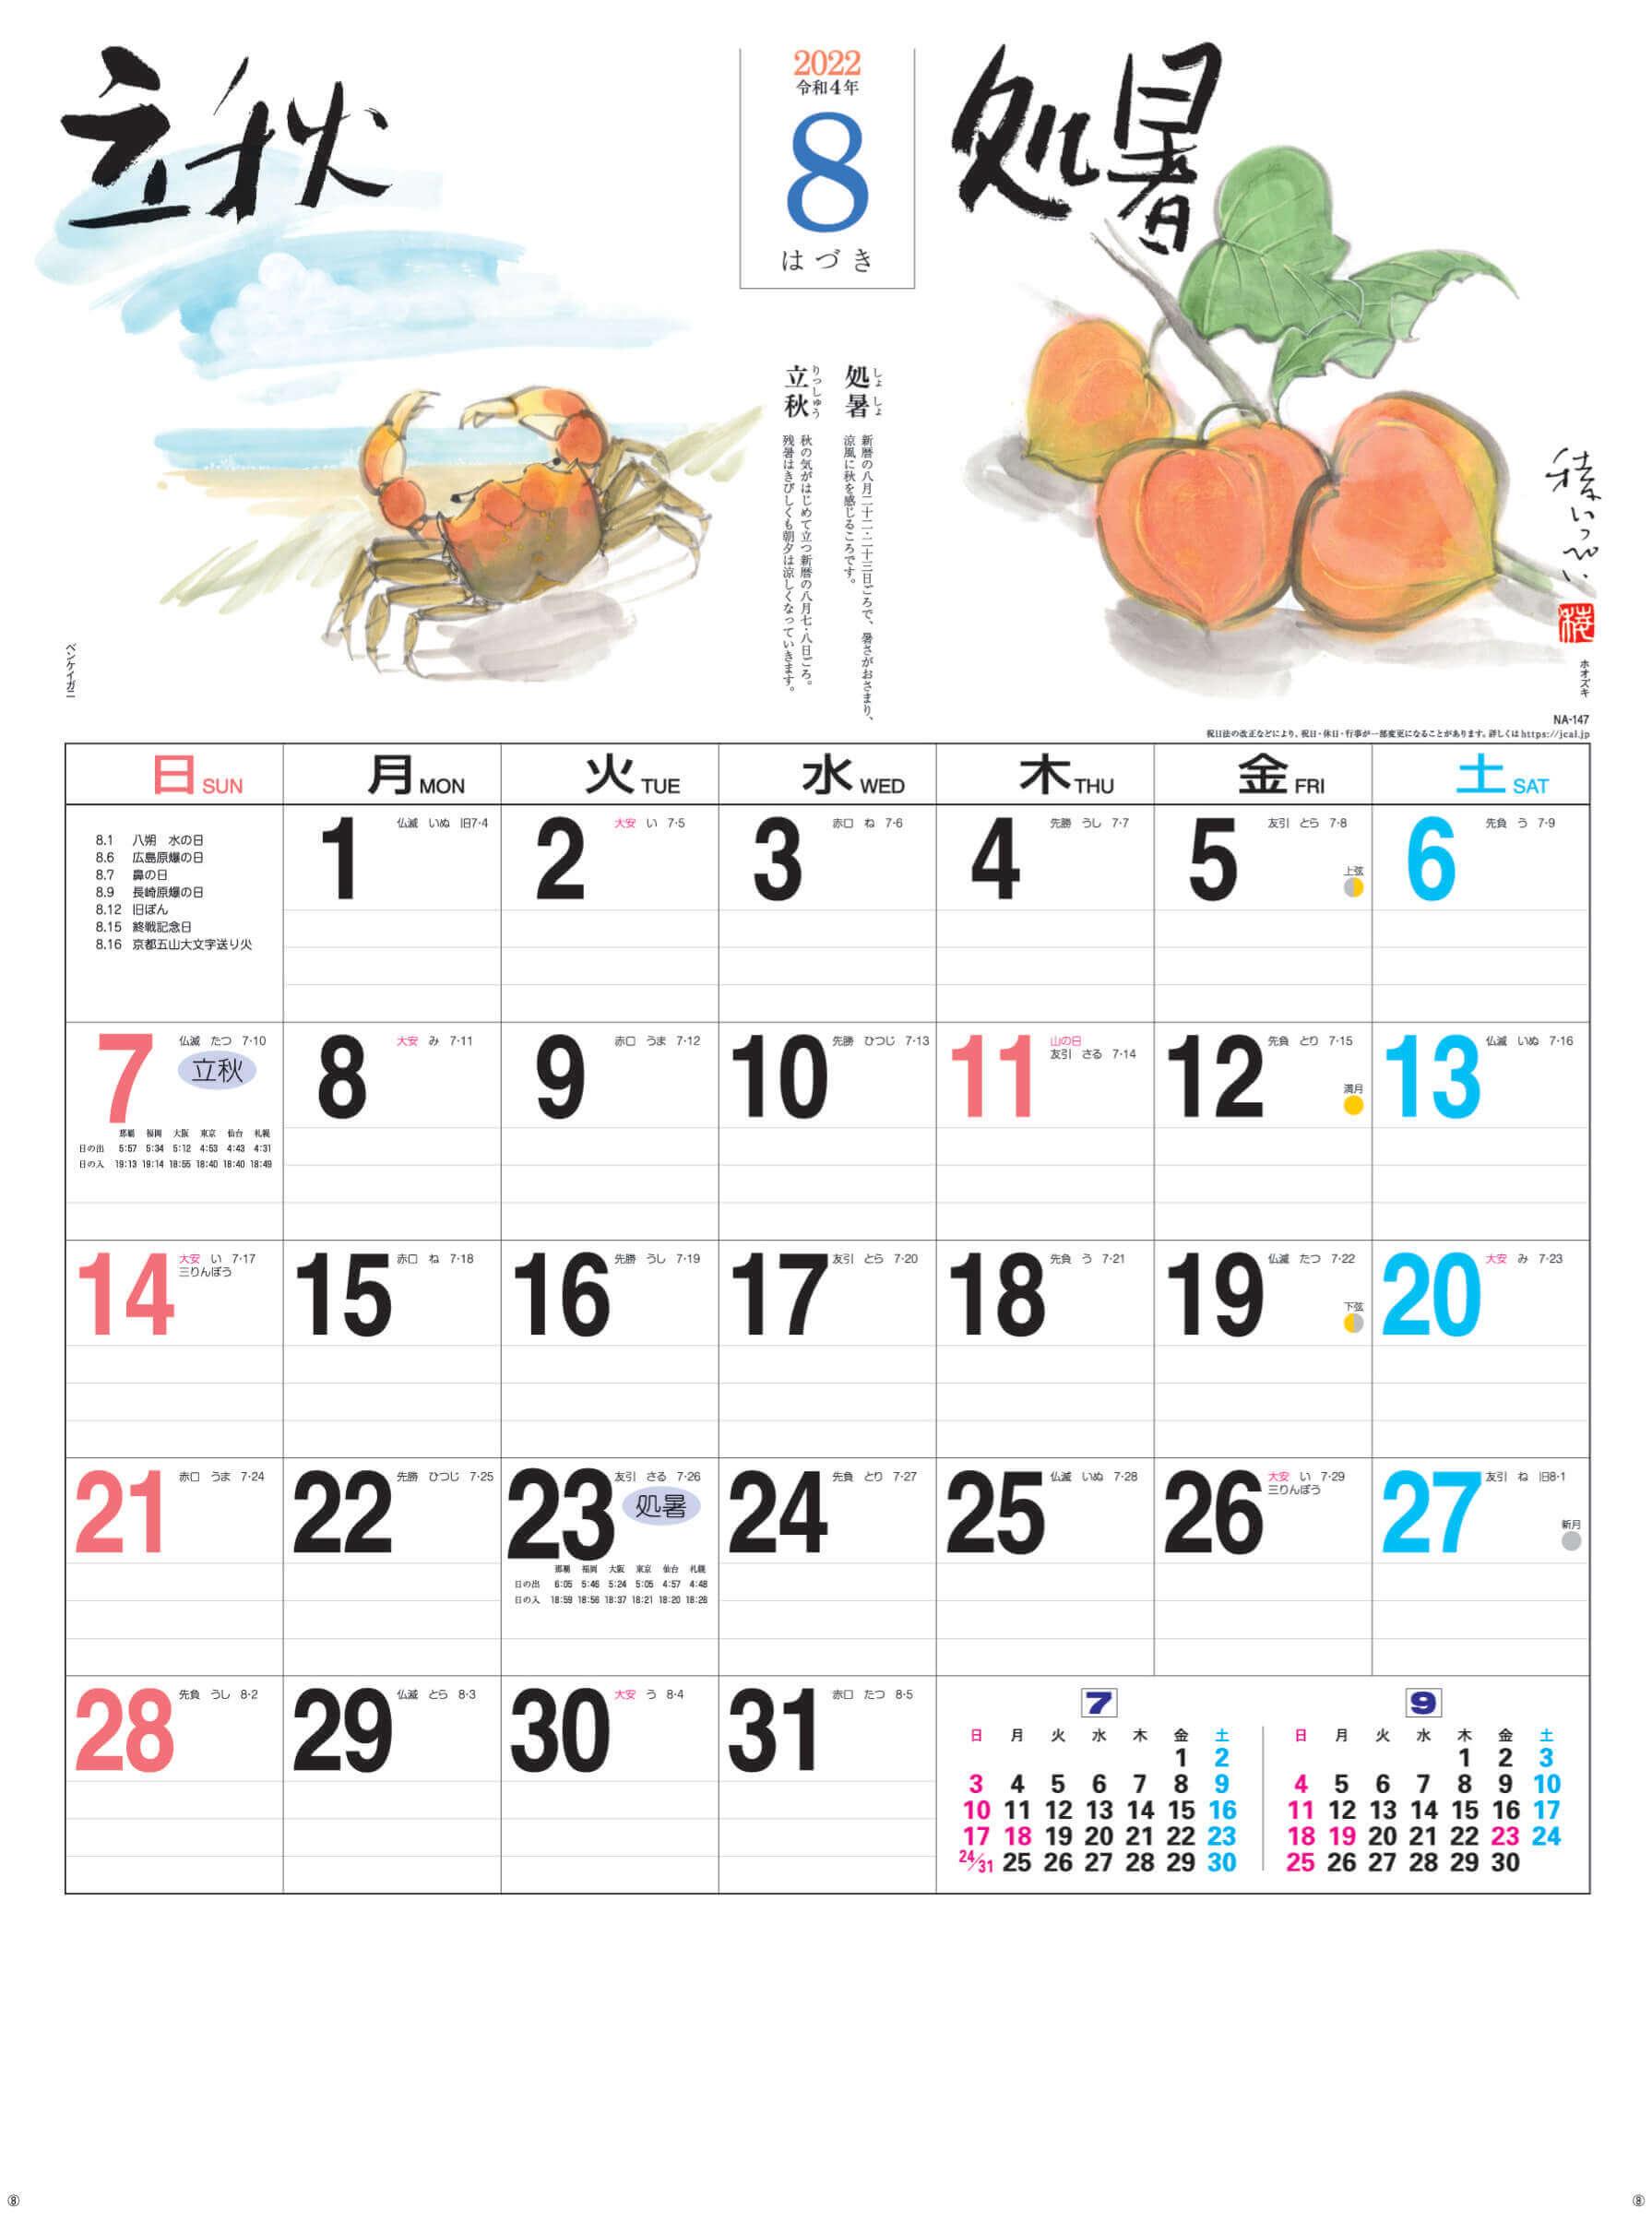 8月(はづき)立秋-処暑 二十四節季 2022年カレンダーの画像